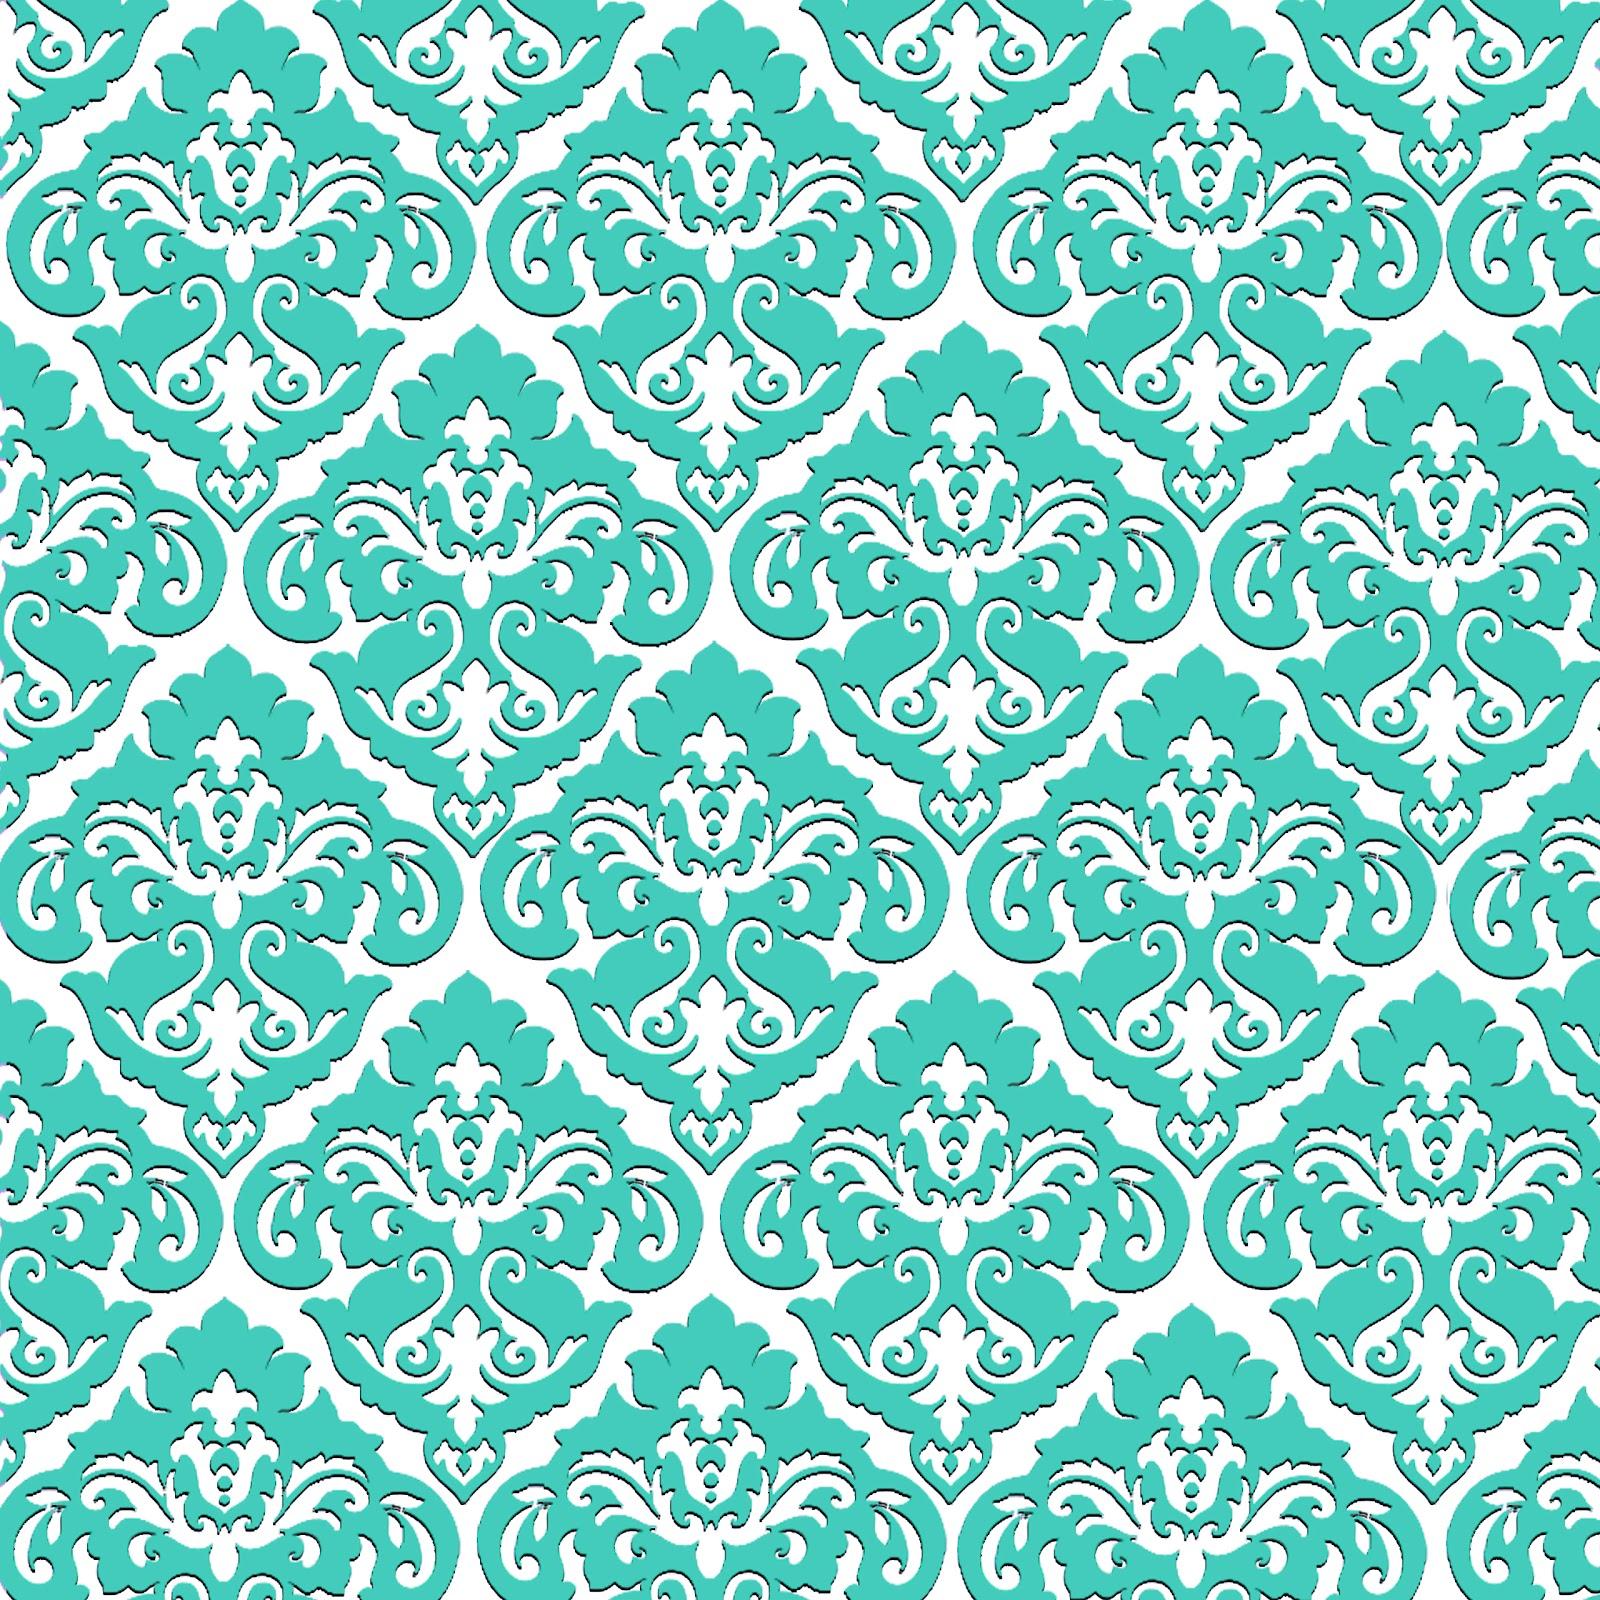 simple damask pattern - HD1600×1600